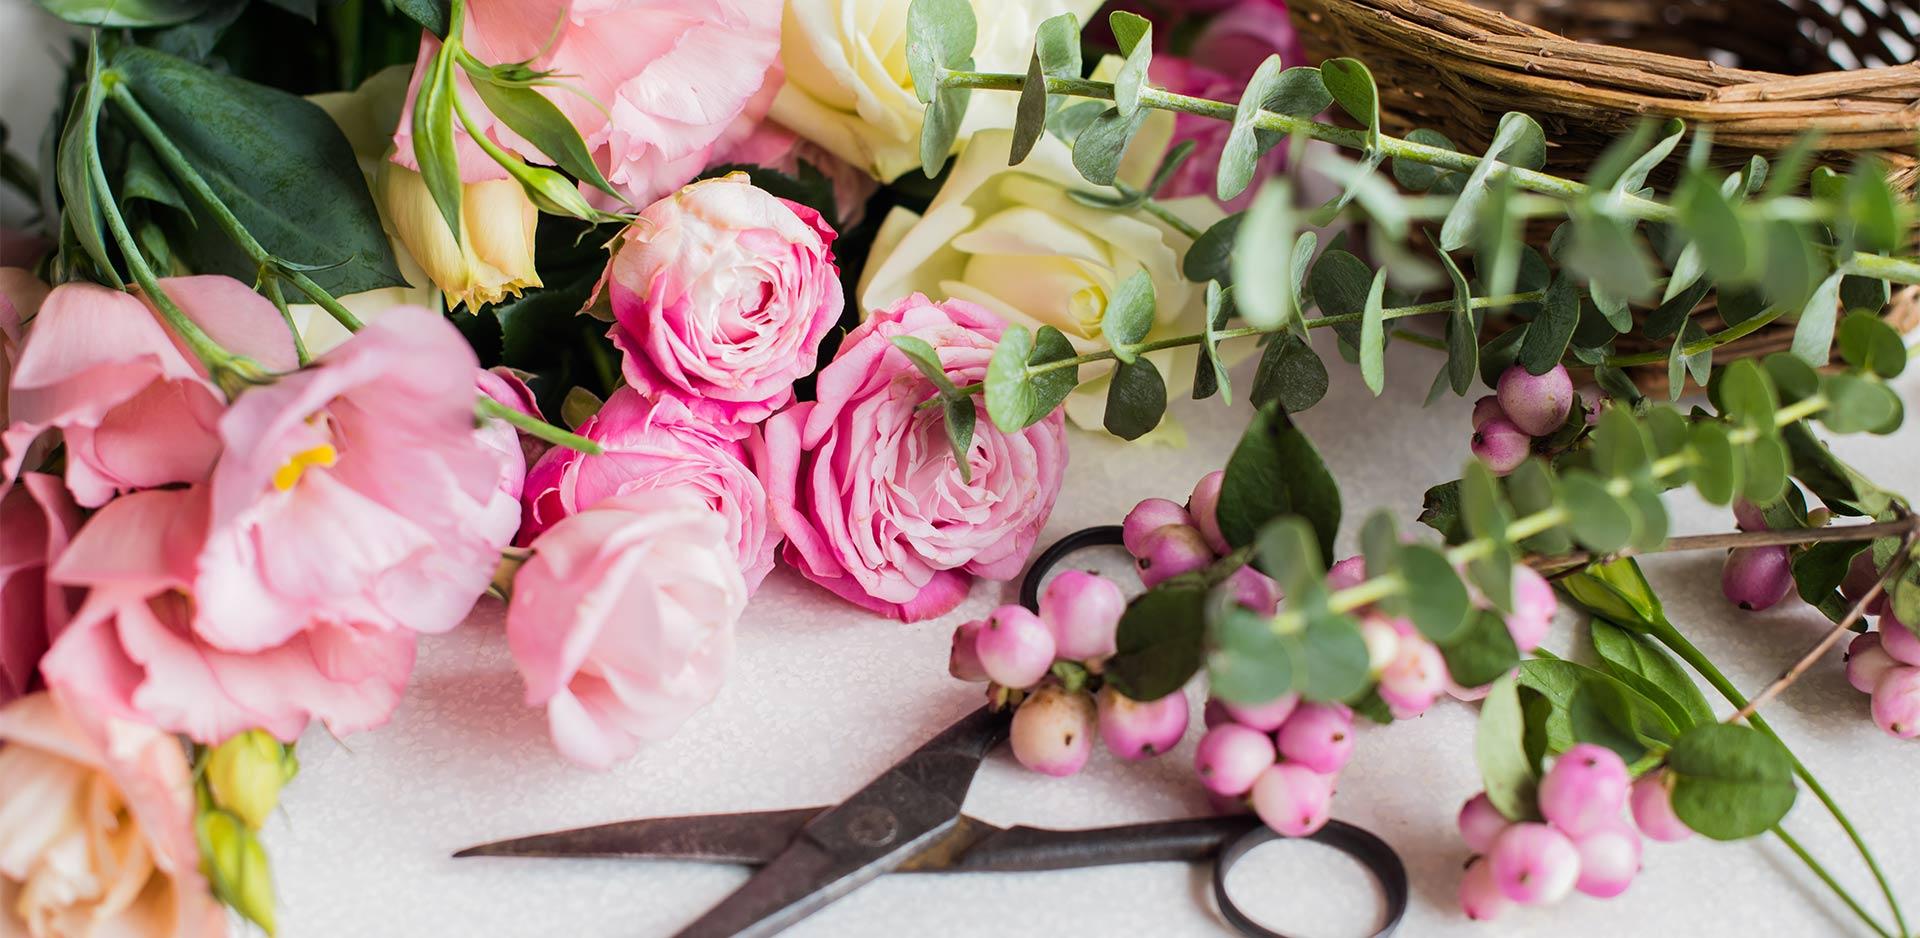 عطرهای پیشنهادی بهاره زنانه و مردانه (8)